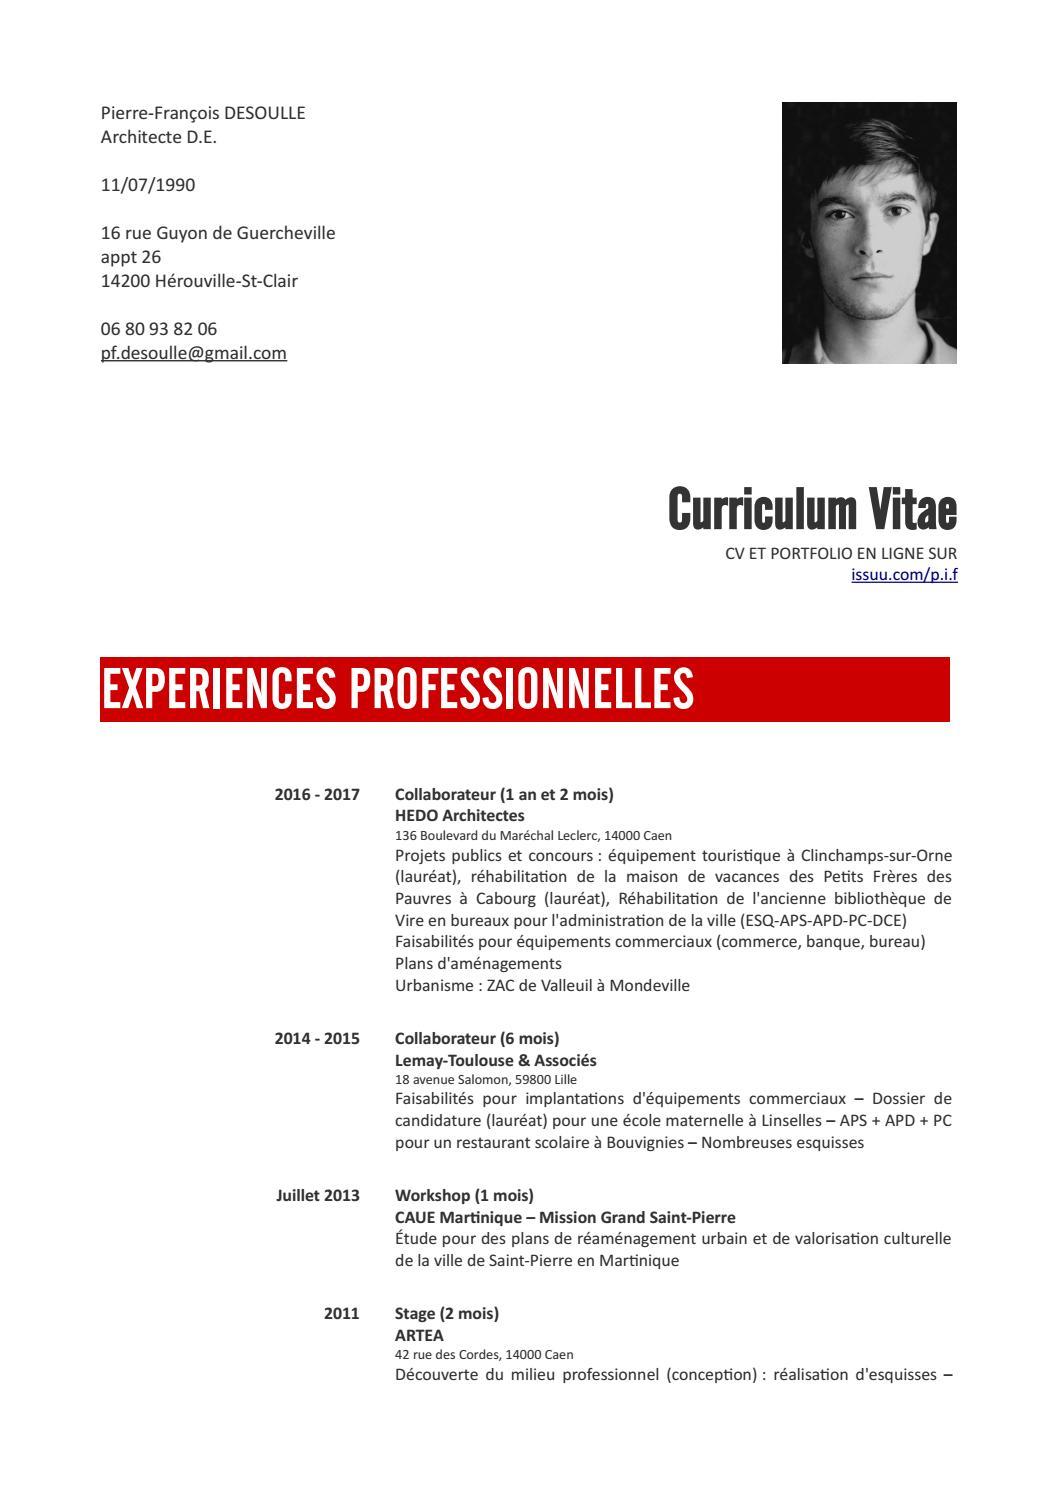 cv 2017 by pierre-fran u00e7ois desoulle